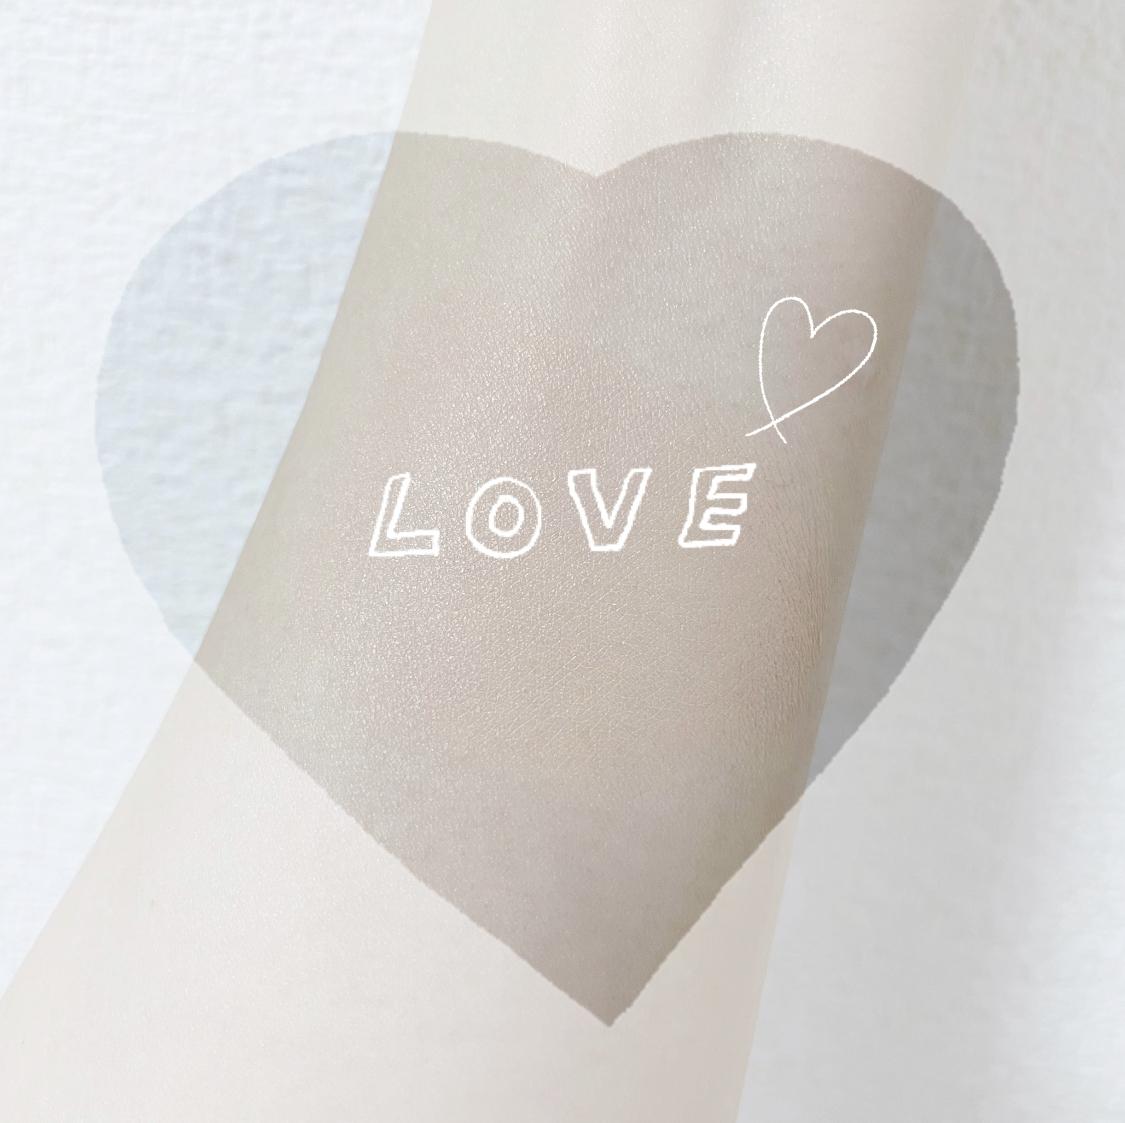 YVES SAINT LAURENT(イヴ・サンローラン) アンクル ド ポー ルクッションの良い点・メリットに関する大崎美佳さんの口コミ画像1